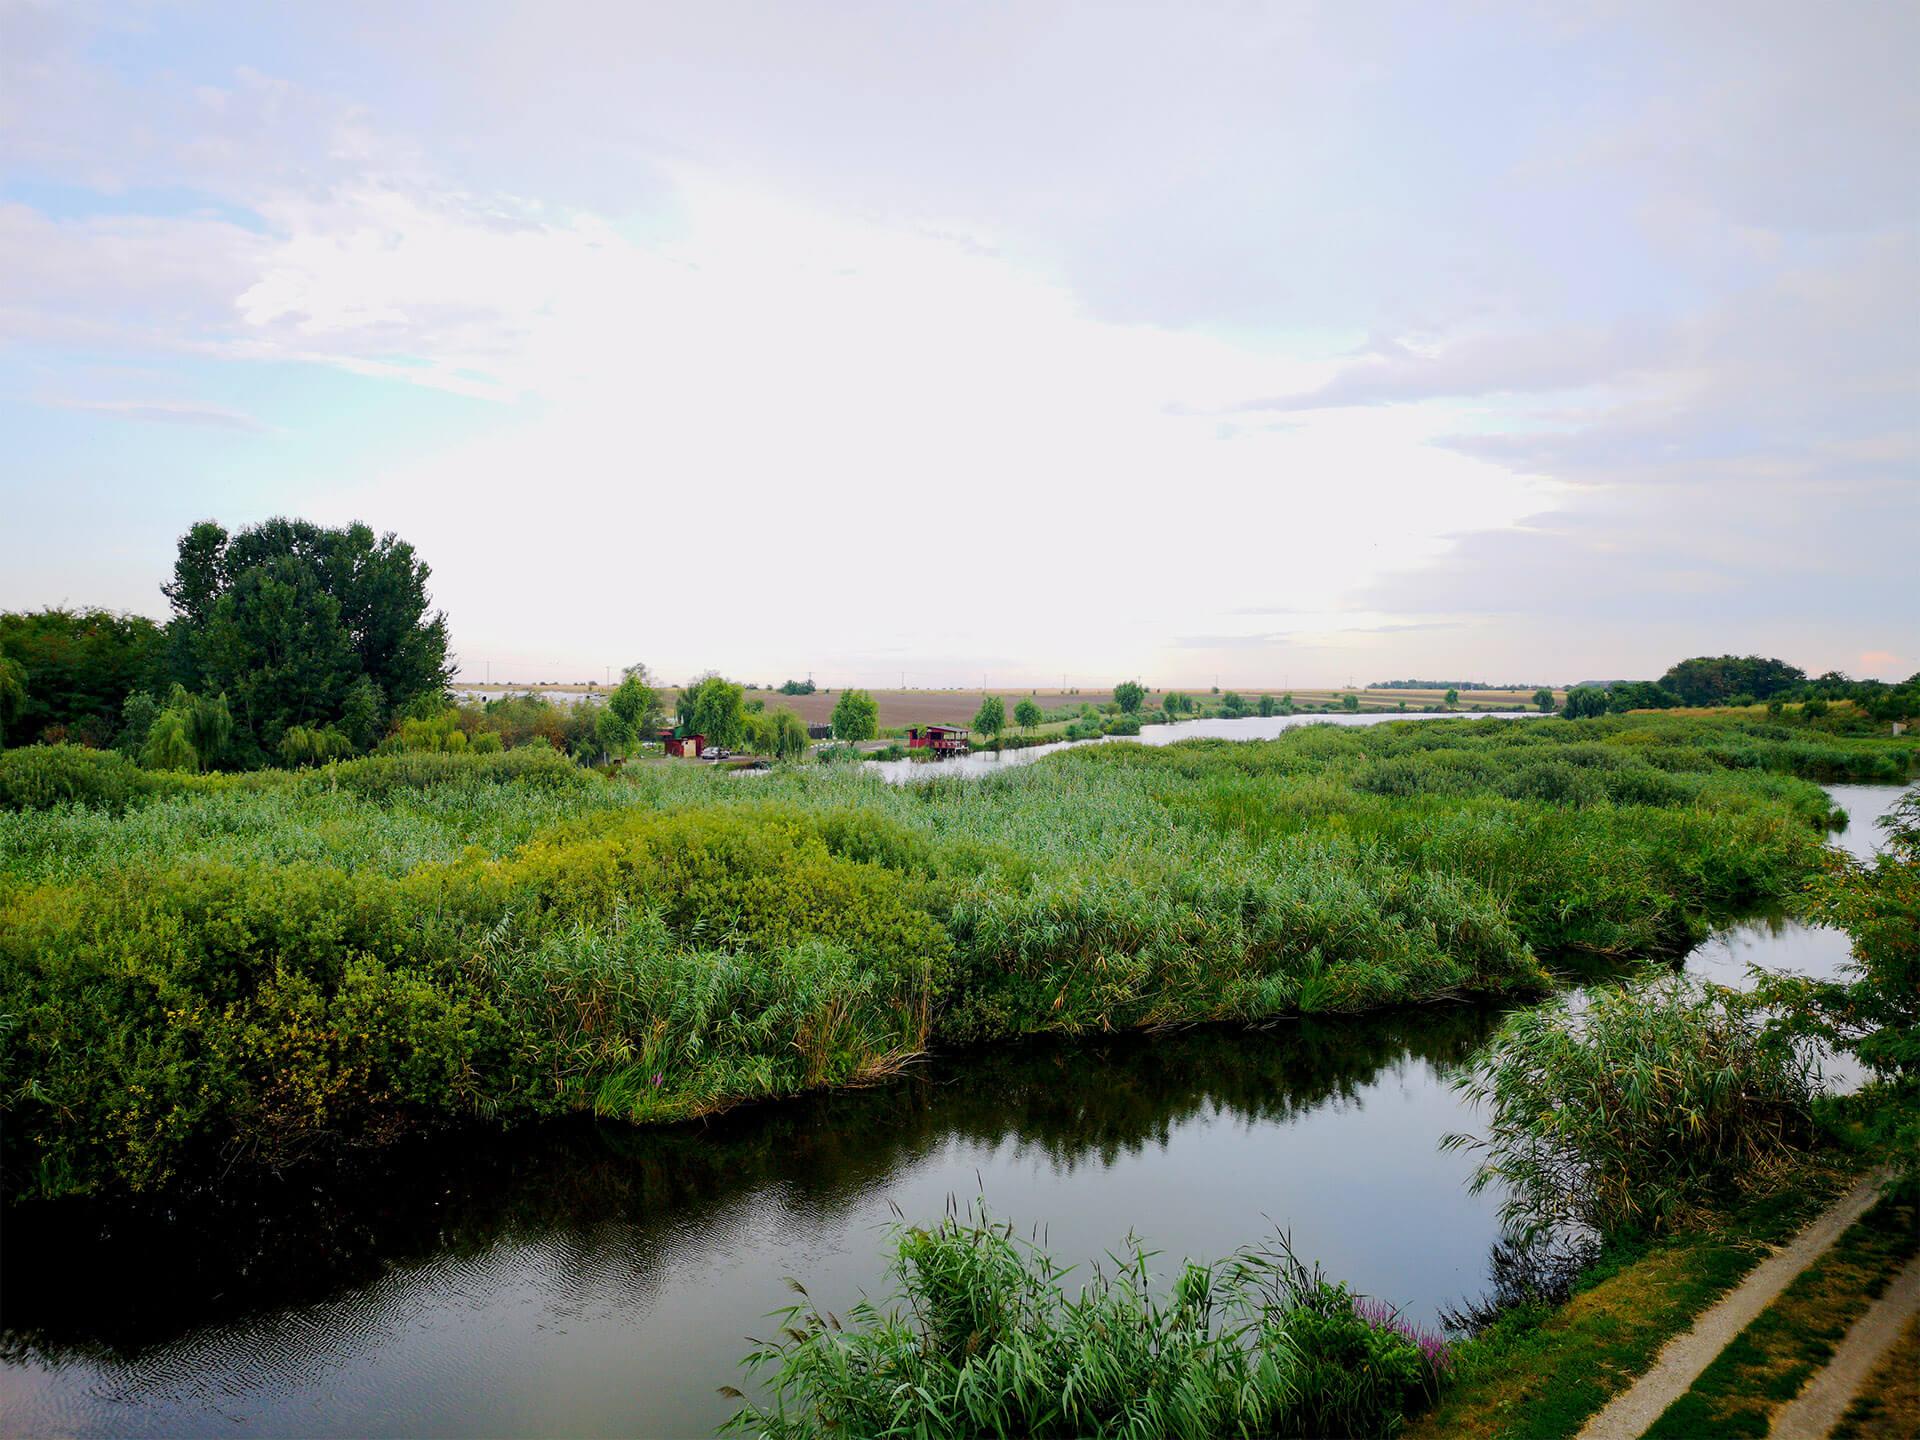 pescuit la stiuca pe lac nou lacul Creata 1